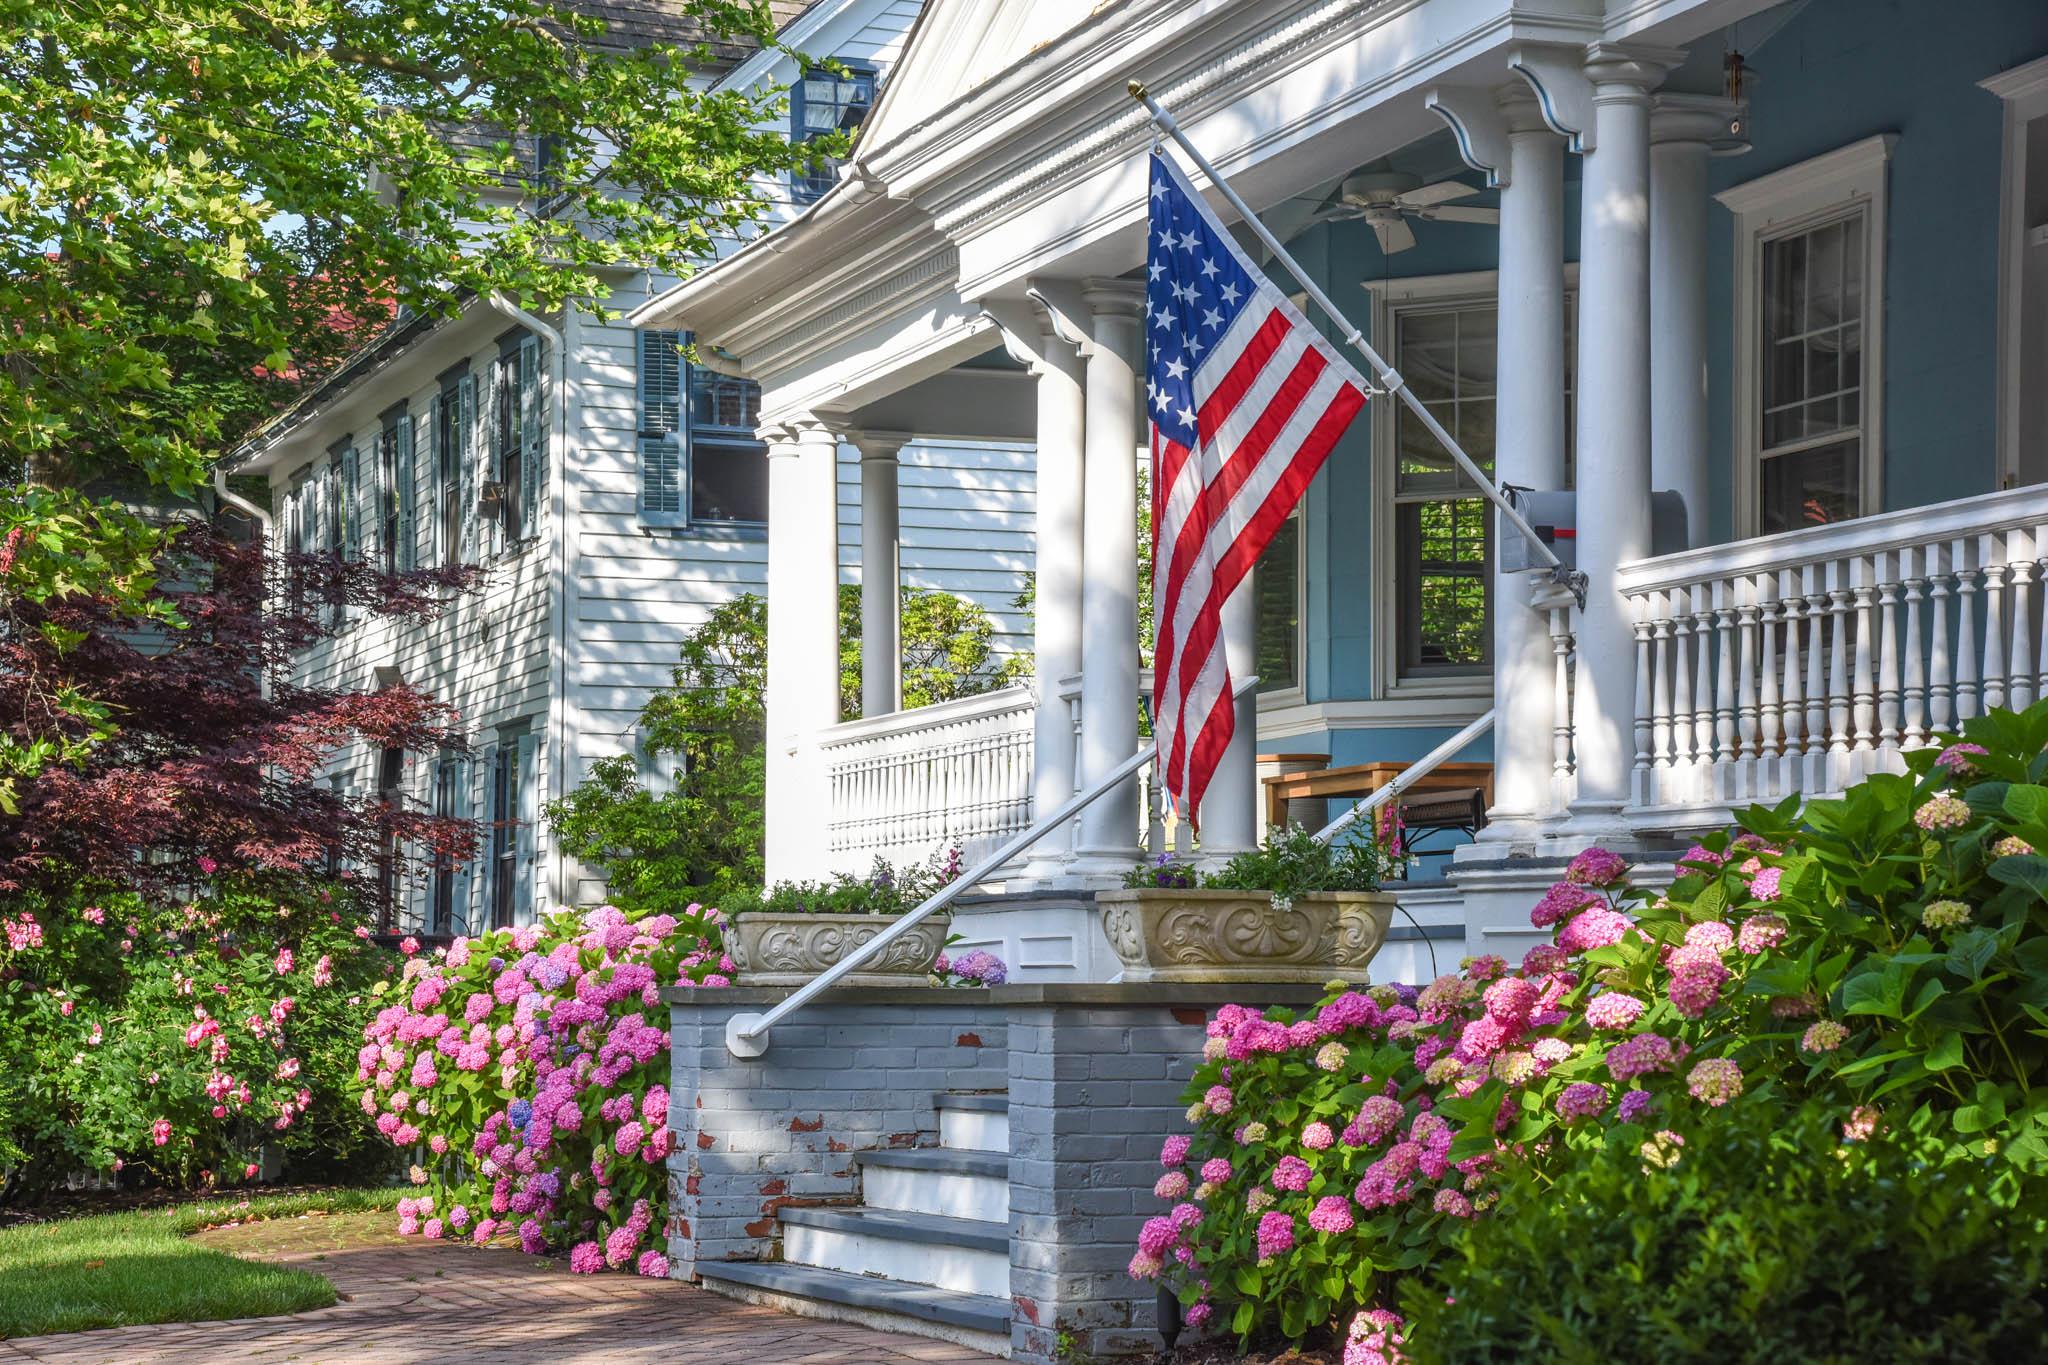 Patriotic Porch on hughes Street